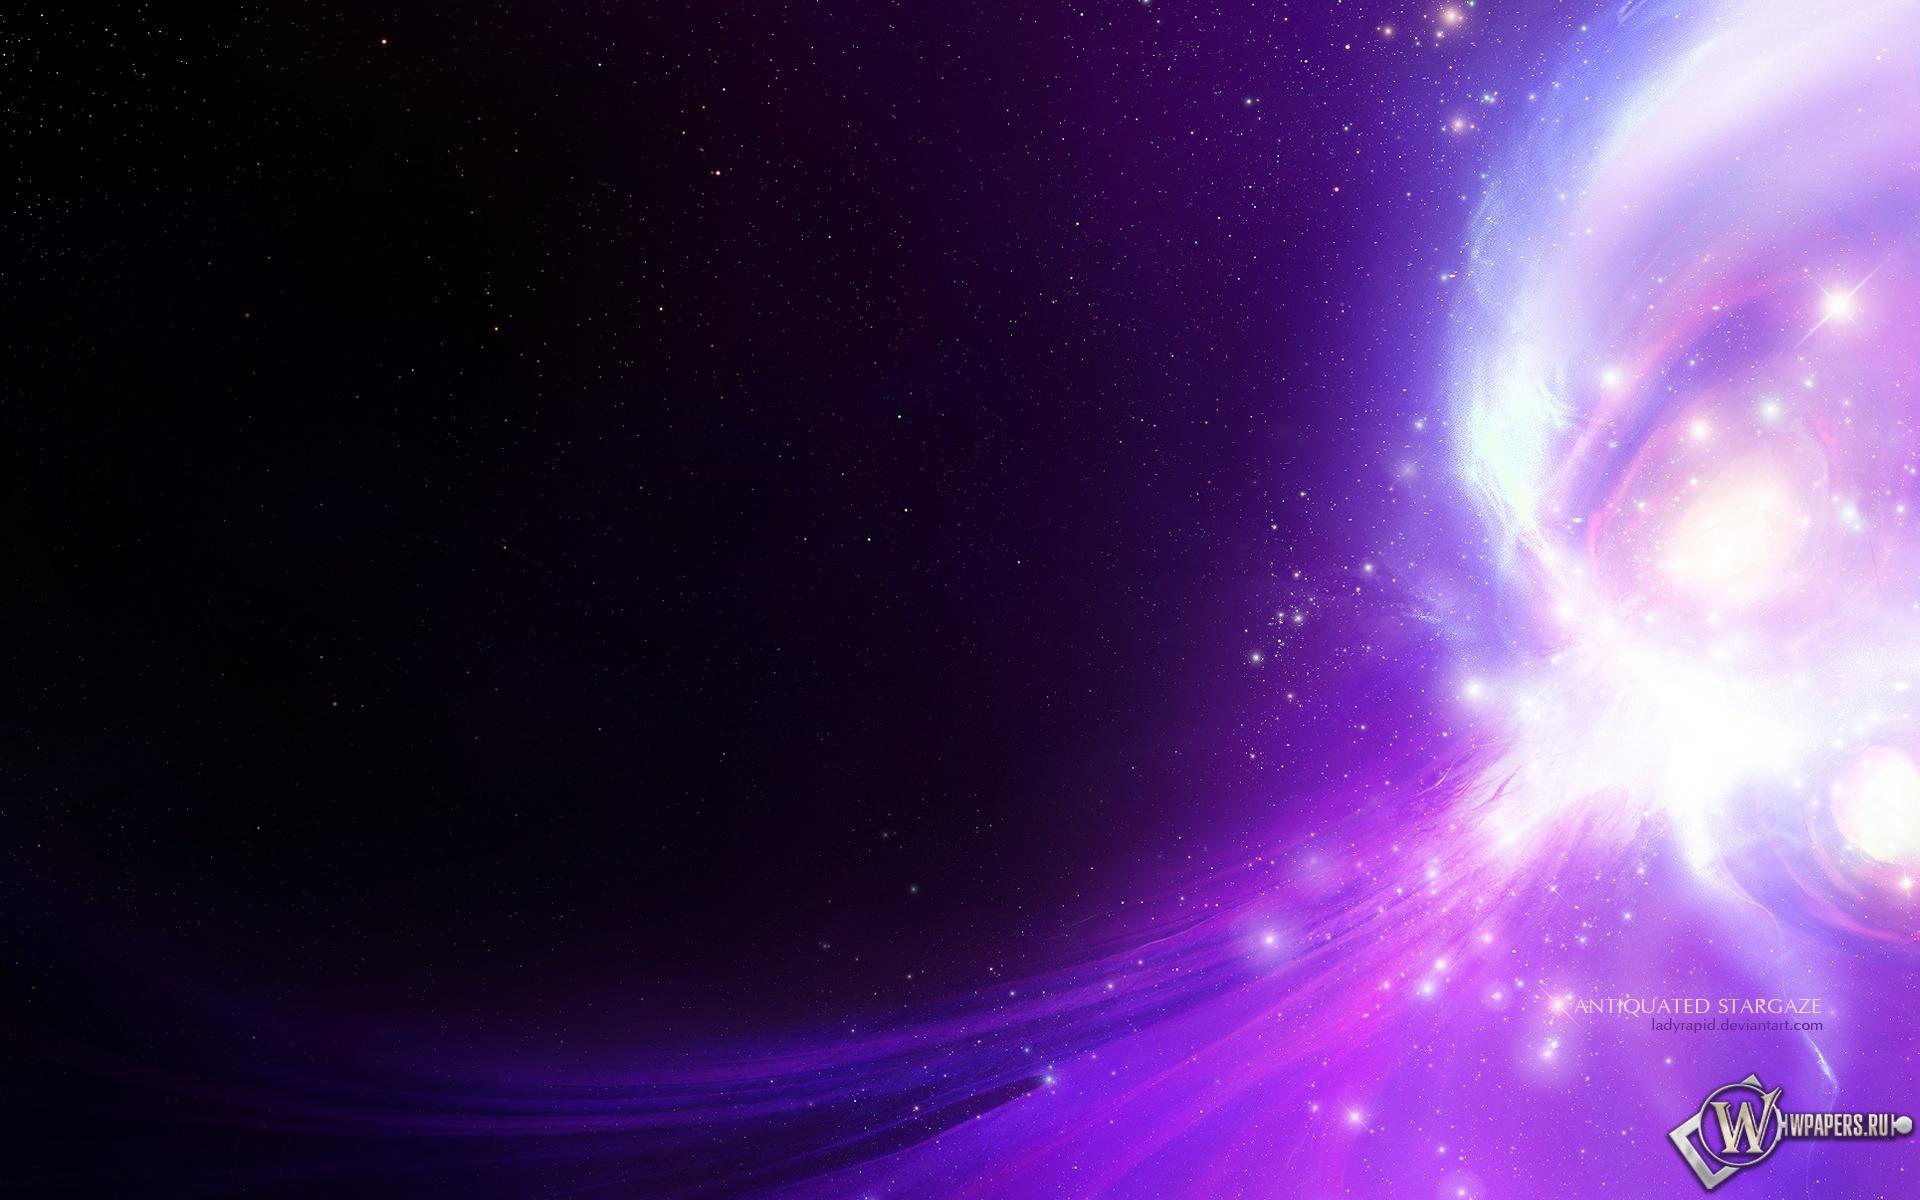 Фиолетовое свечение 1920x1200